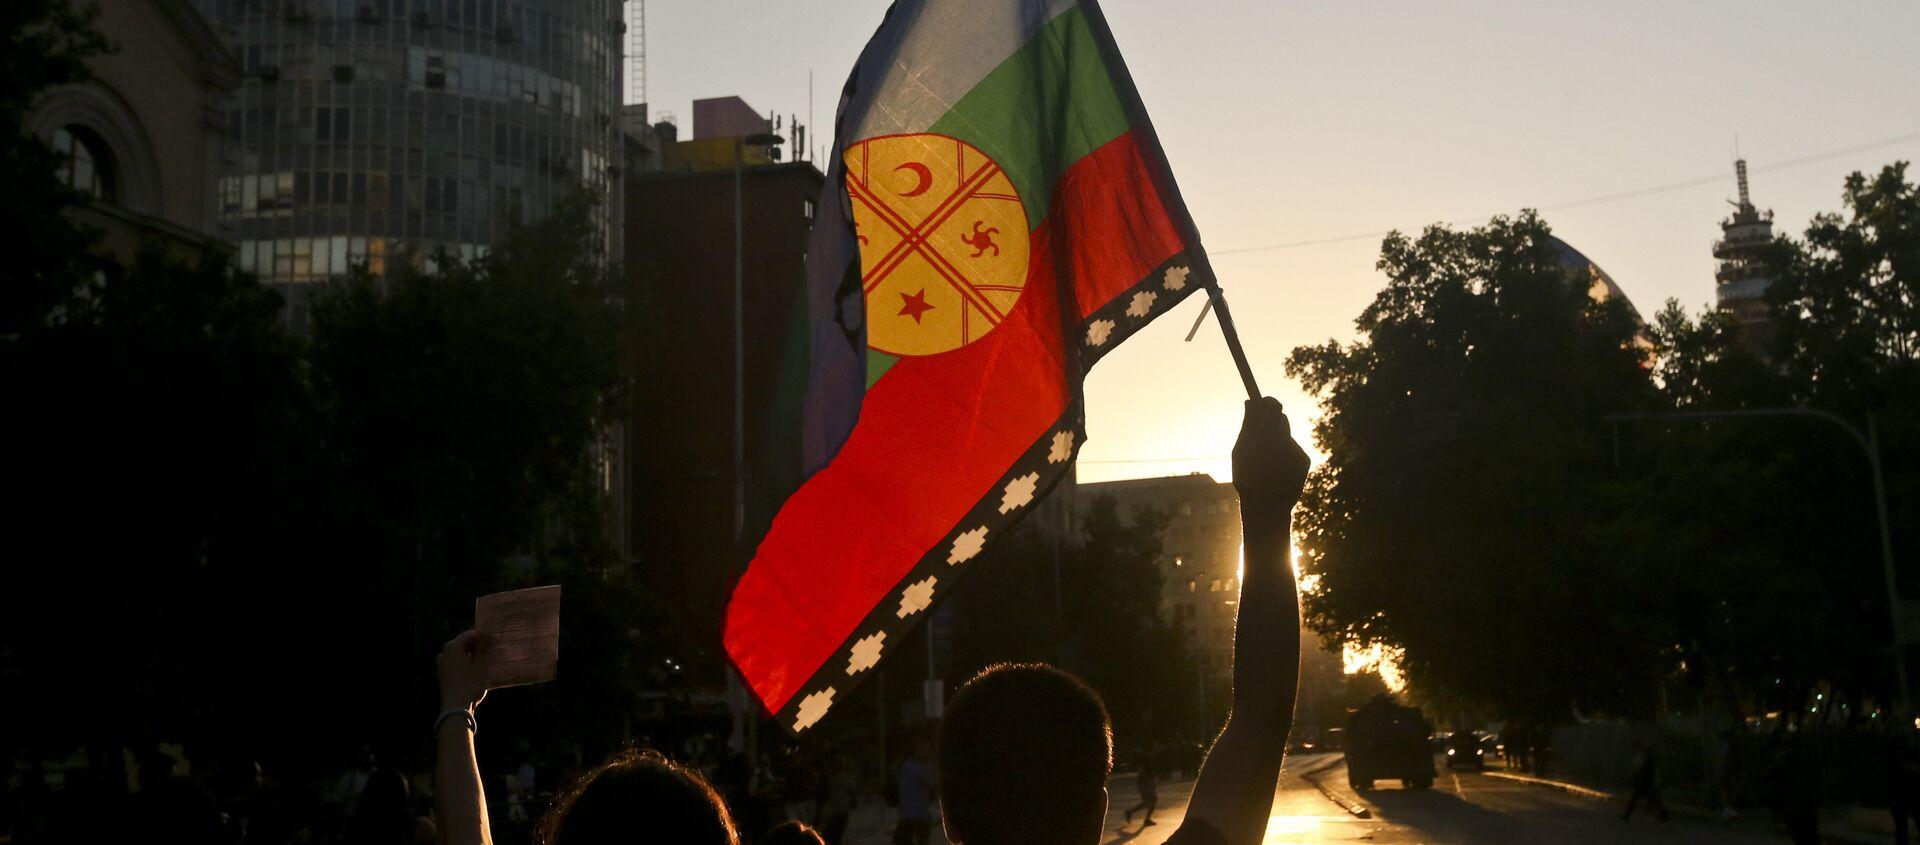 La bandera del pueblo mapuche - Sputnik Mundo, 1920, 04.08.2020